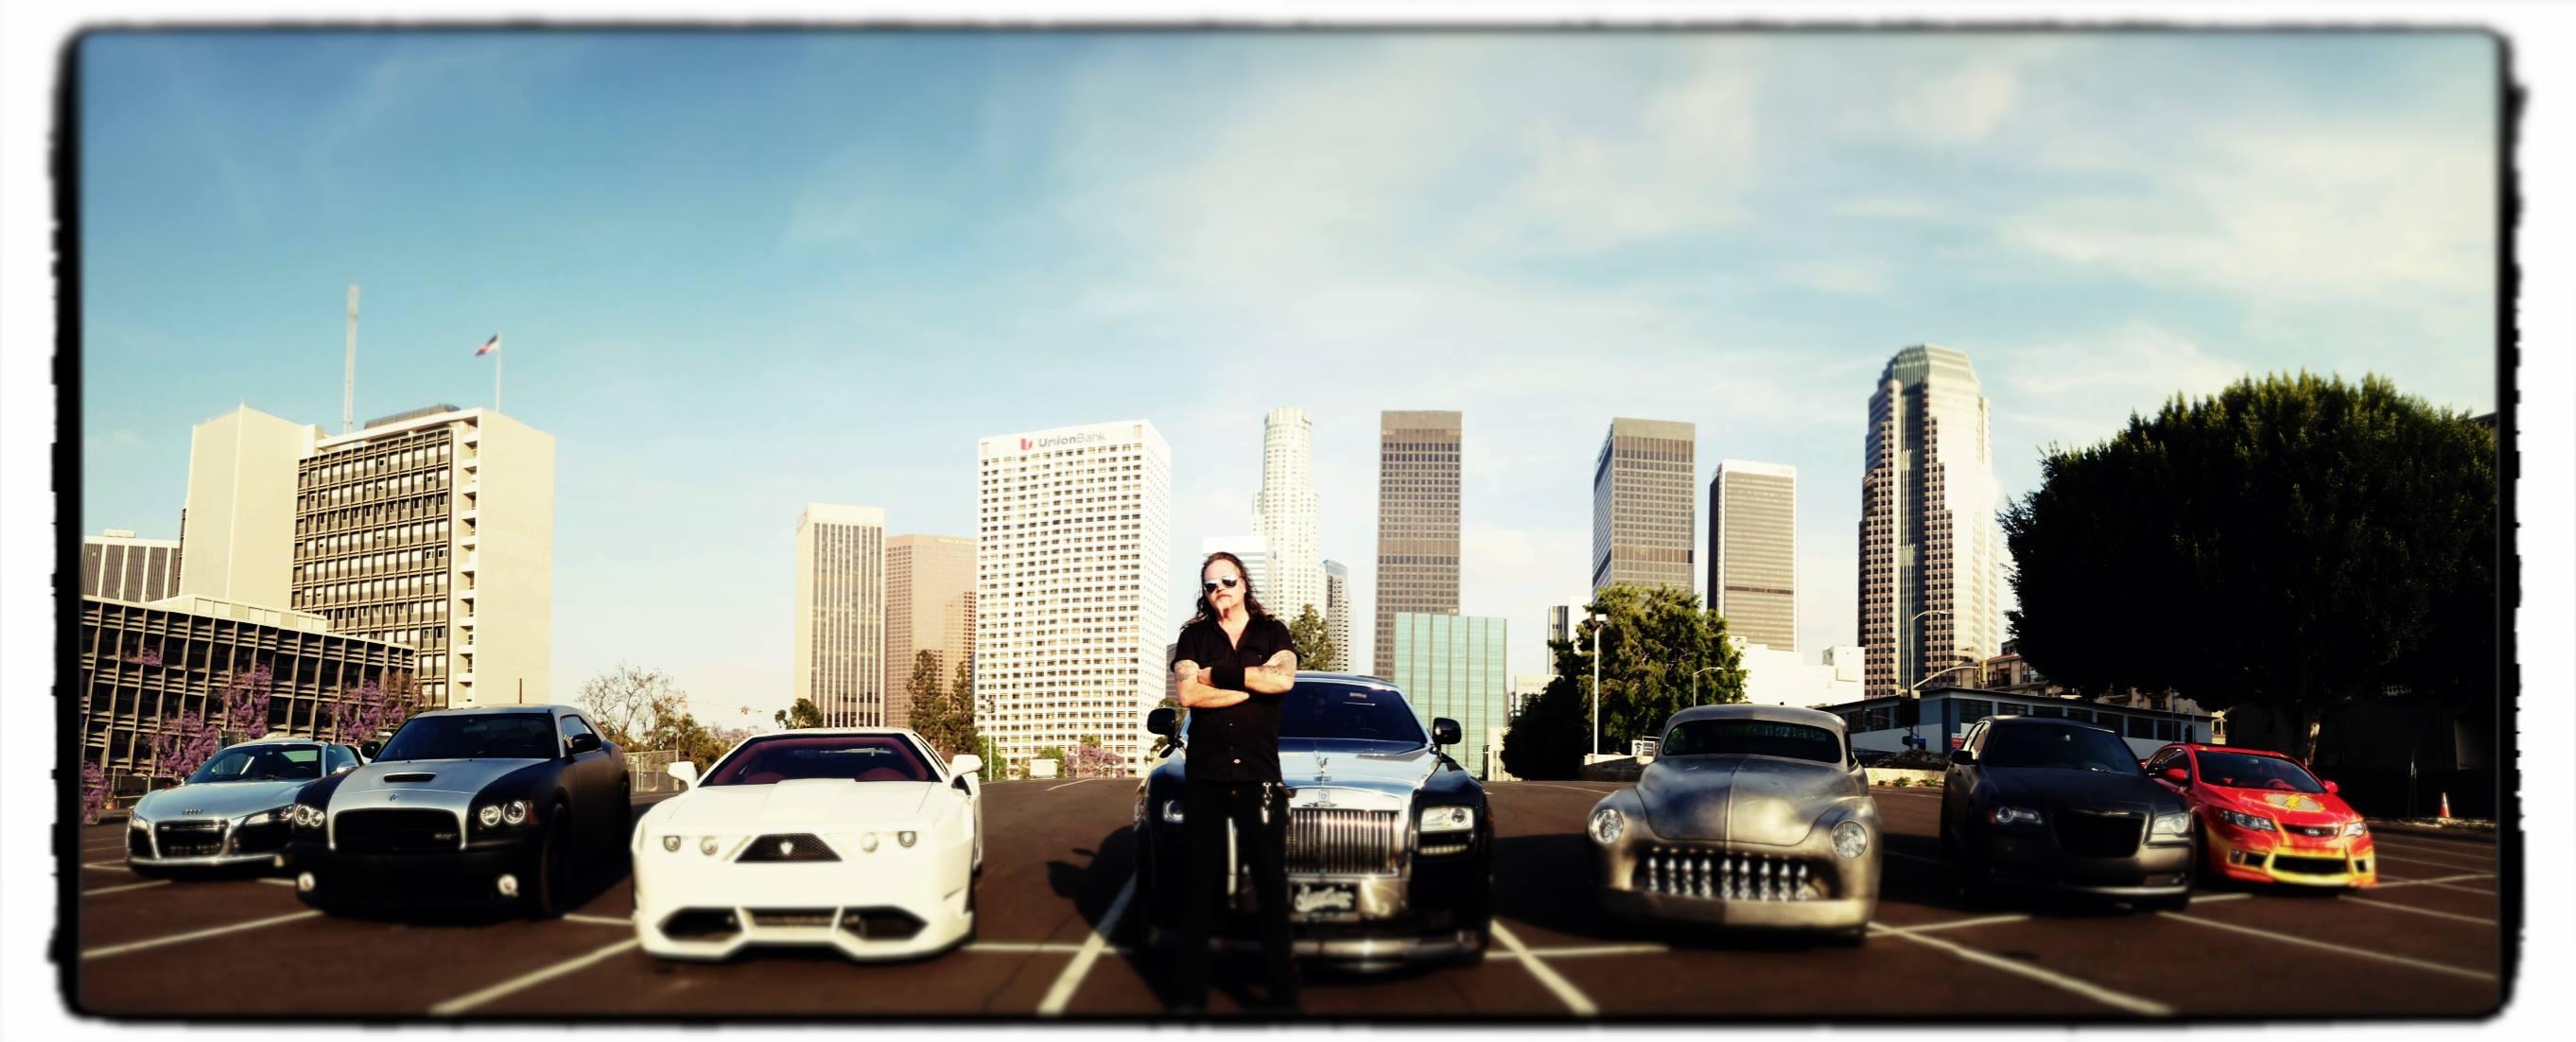 Robert-Sexton_Cars